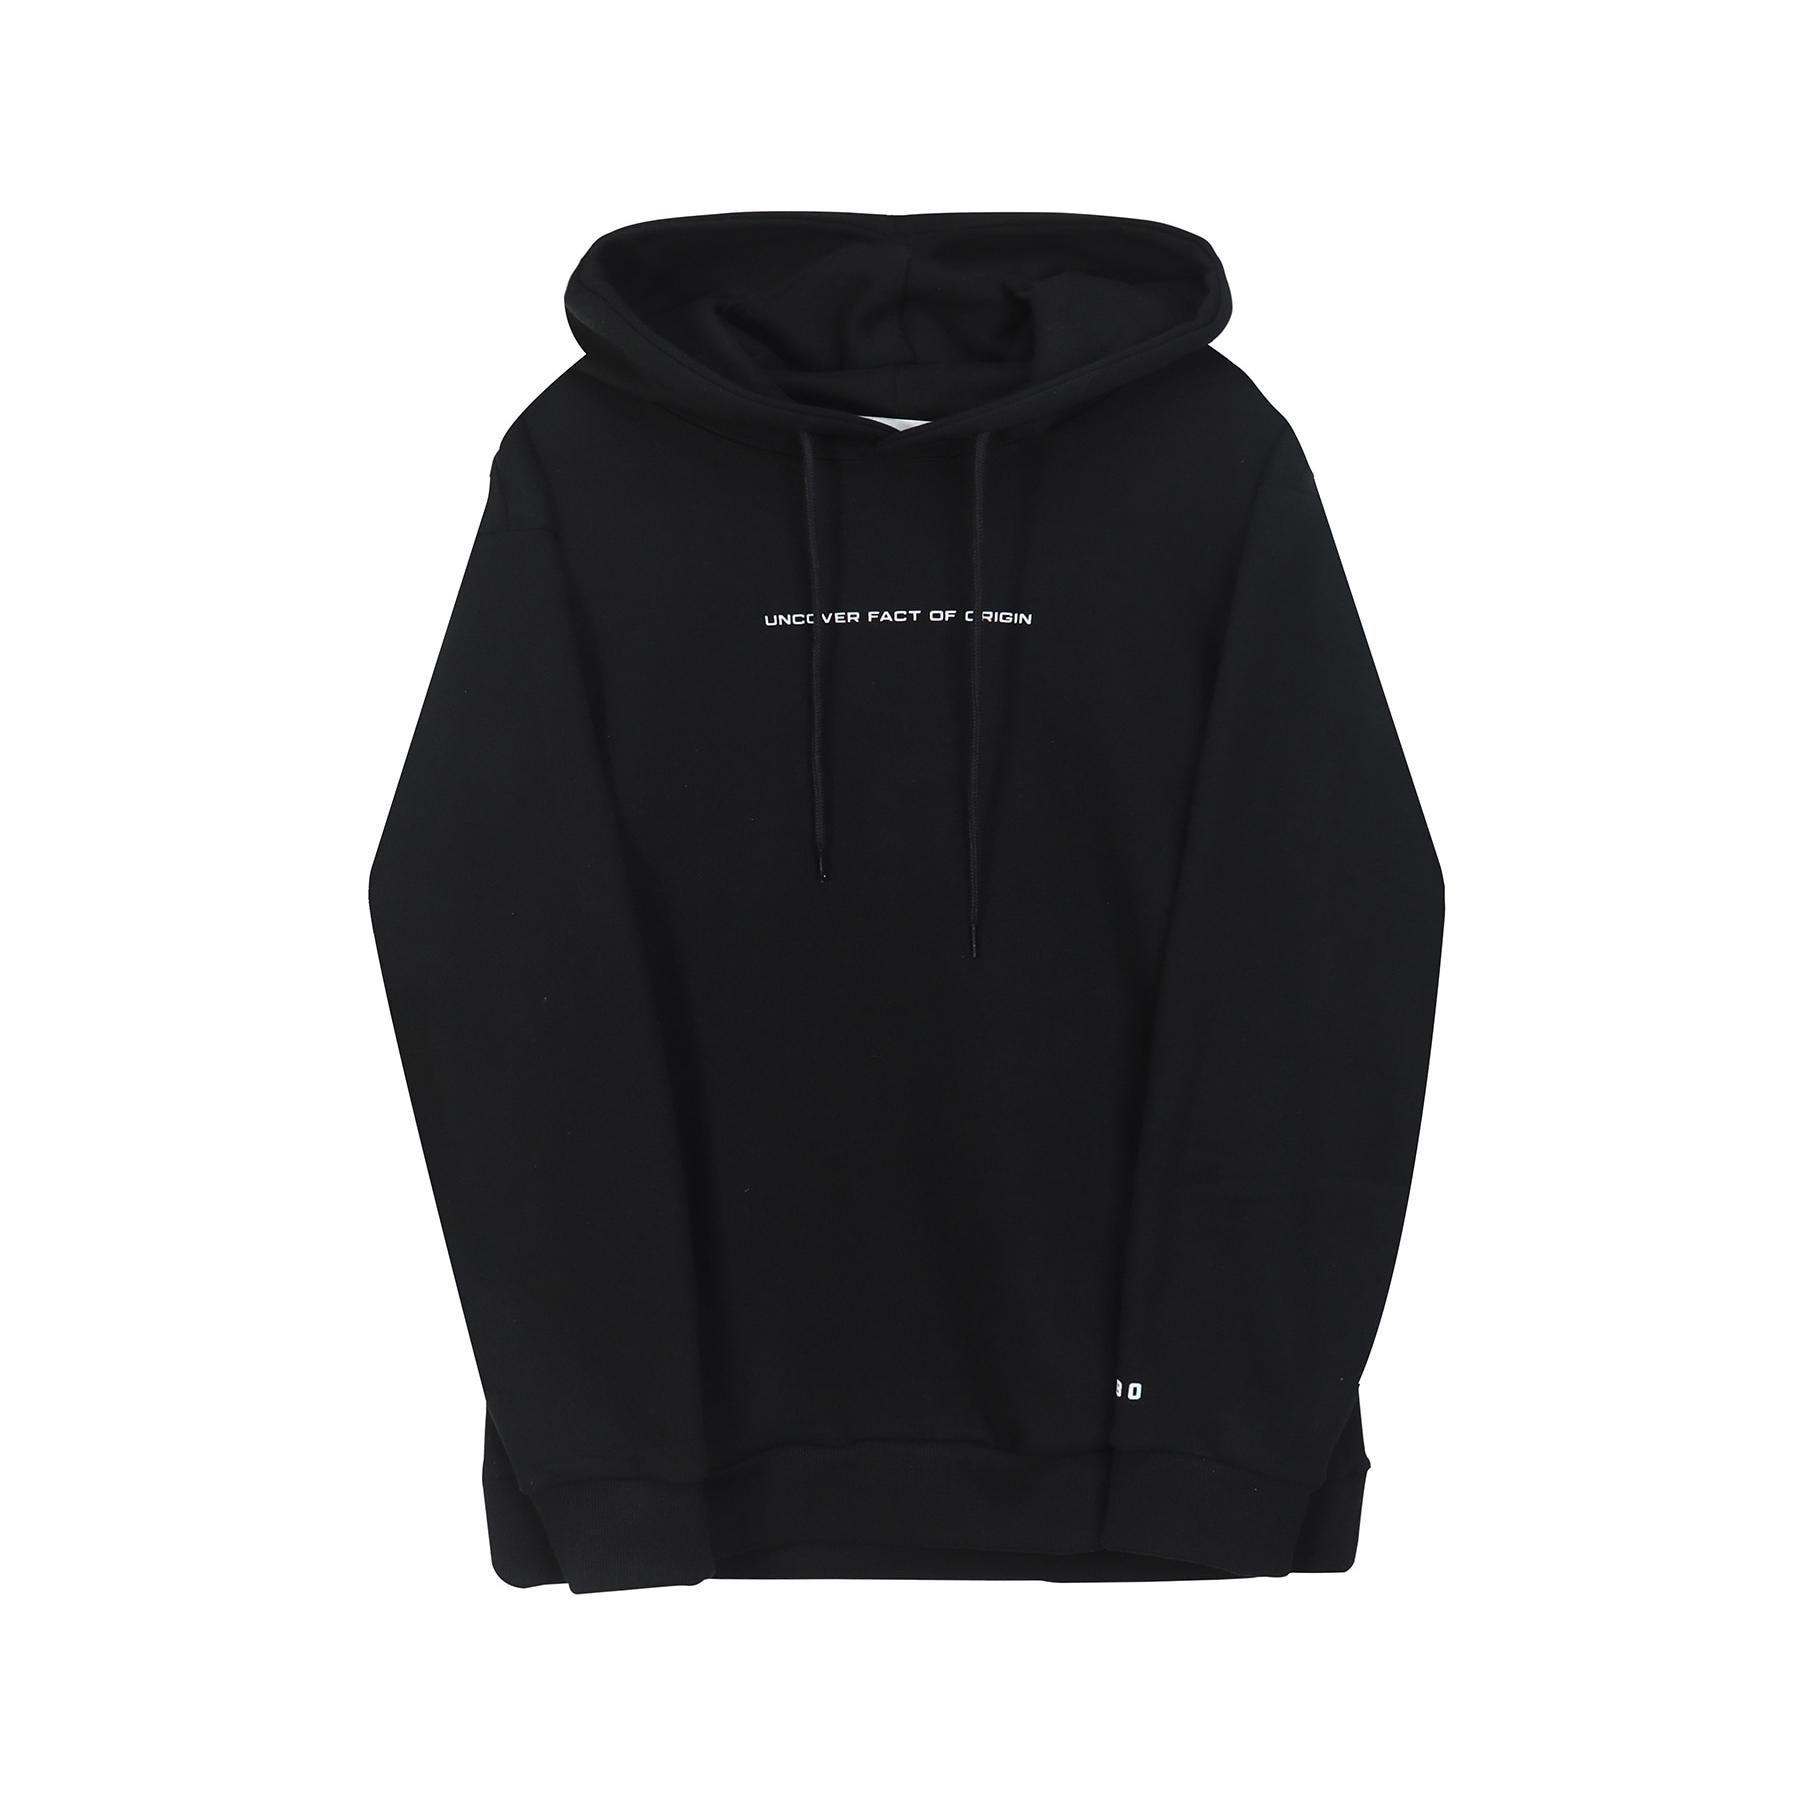 언커버 후드 티셔츠 블랙